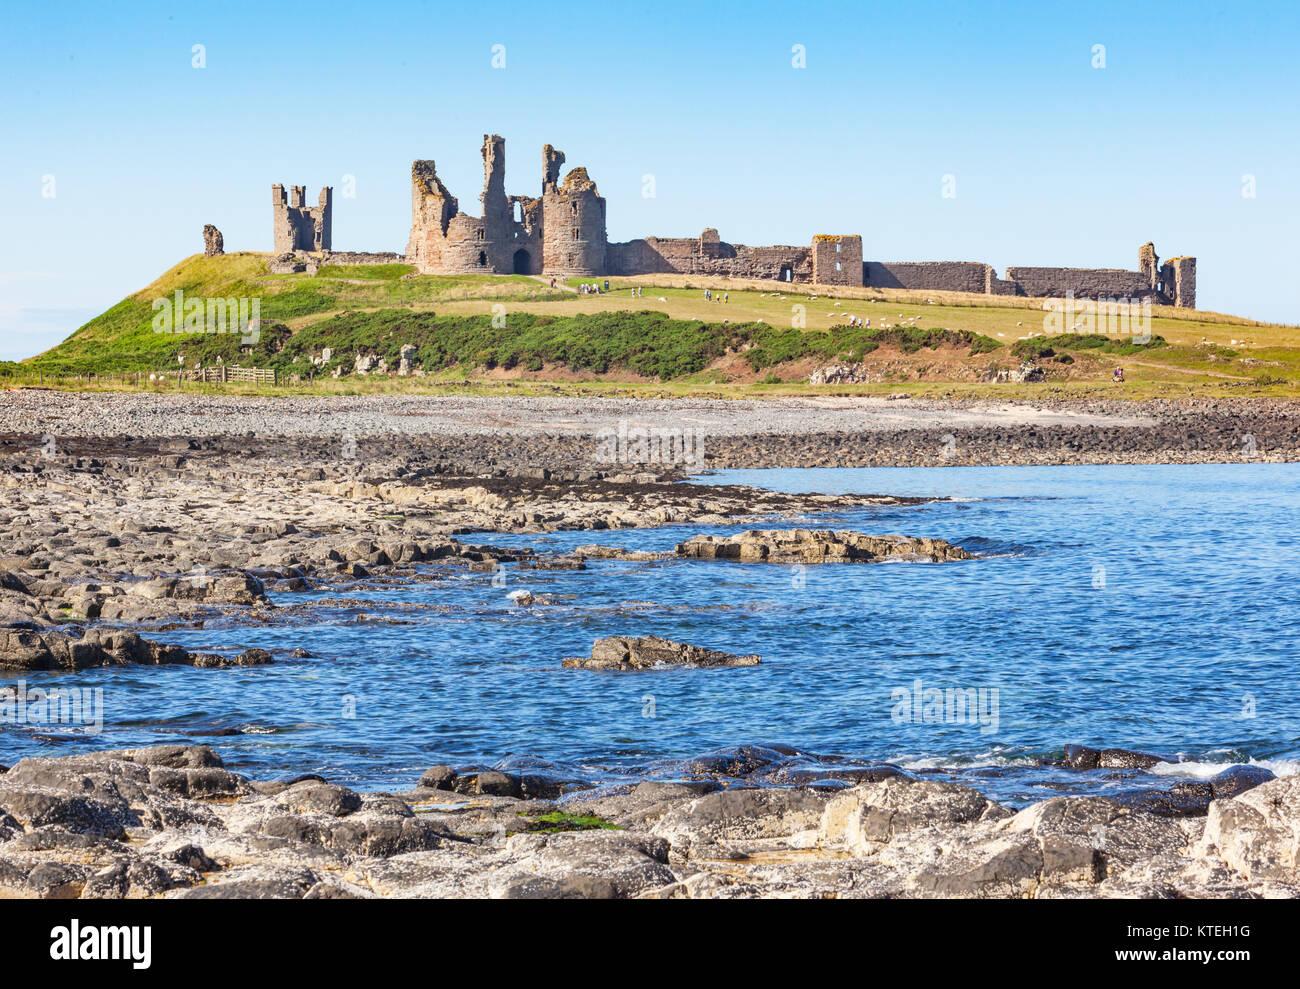 Dunstanburgh Castle ist eine Festung aus dem 14. Jahrhundert an der Küste von Northumberland im Norden Englands, Stockbild